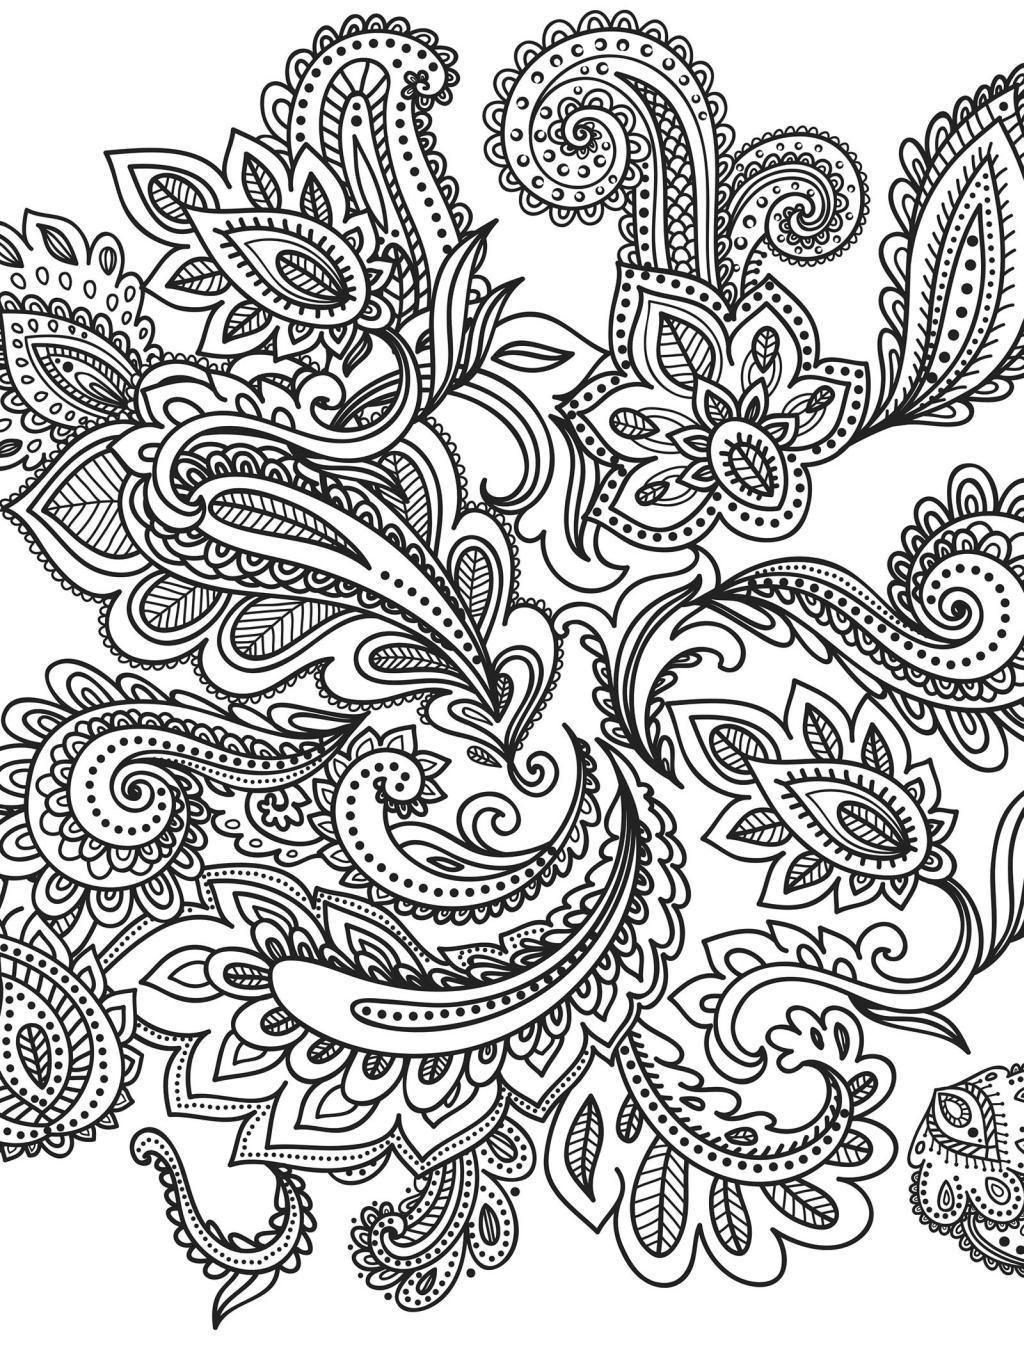 Schwere Ausmalbilder Blumen : Pid16233638_05 Jpg 1024 1366 Paisley Pinterest Ausmalbilder